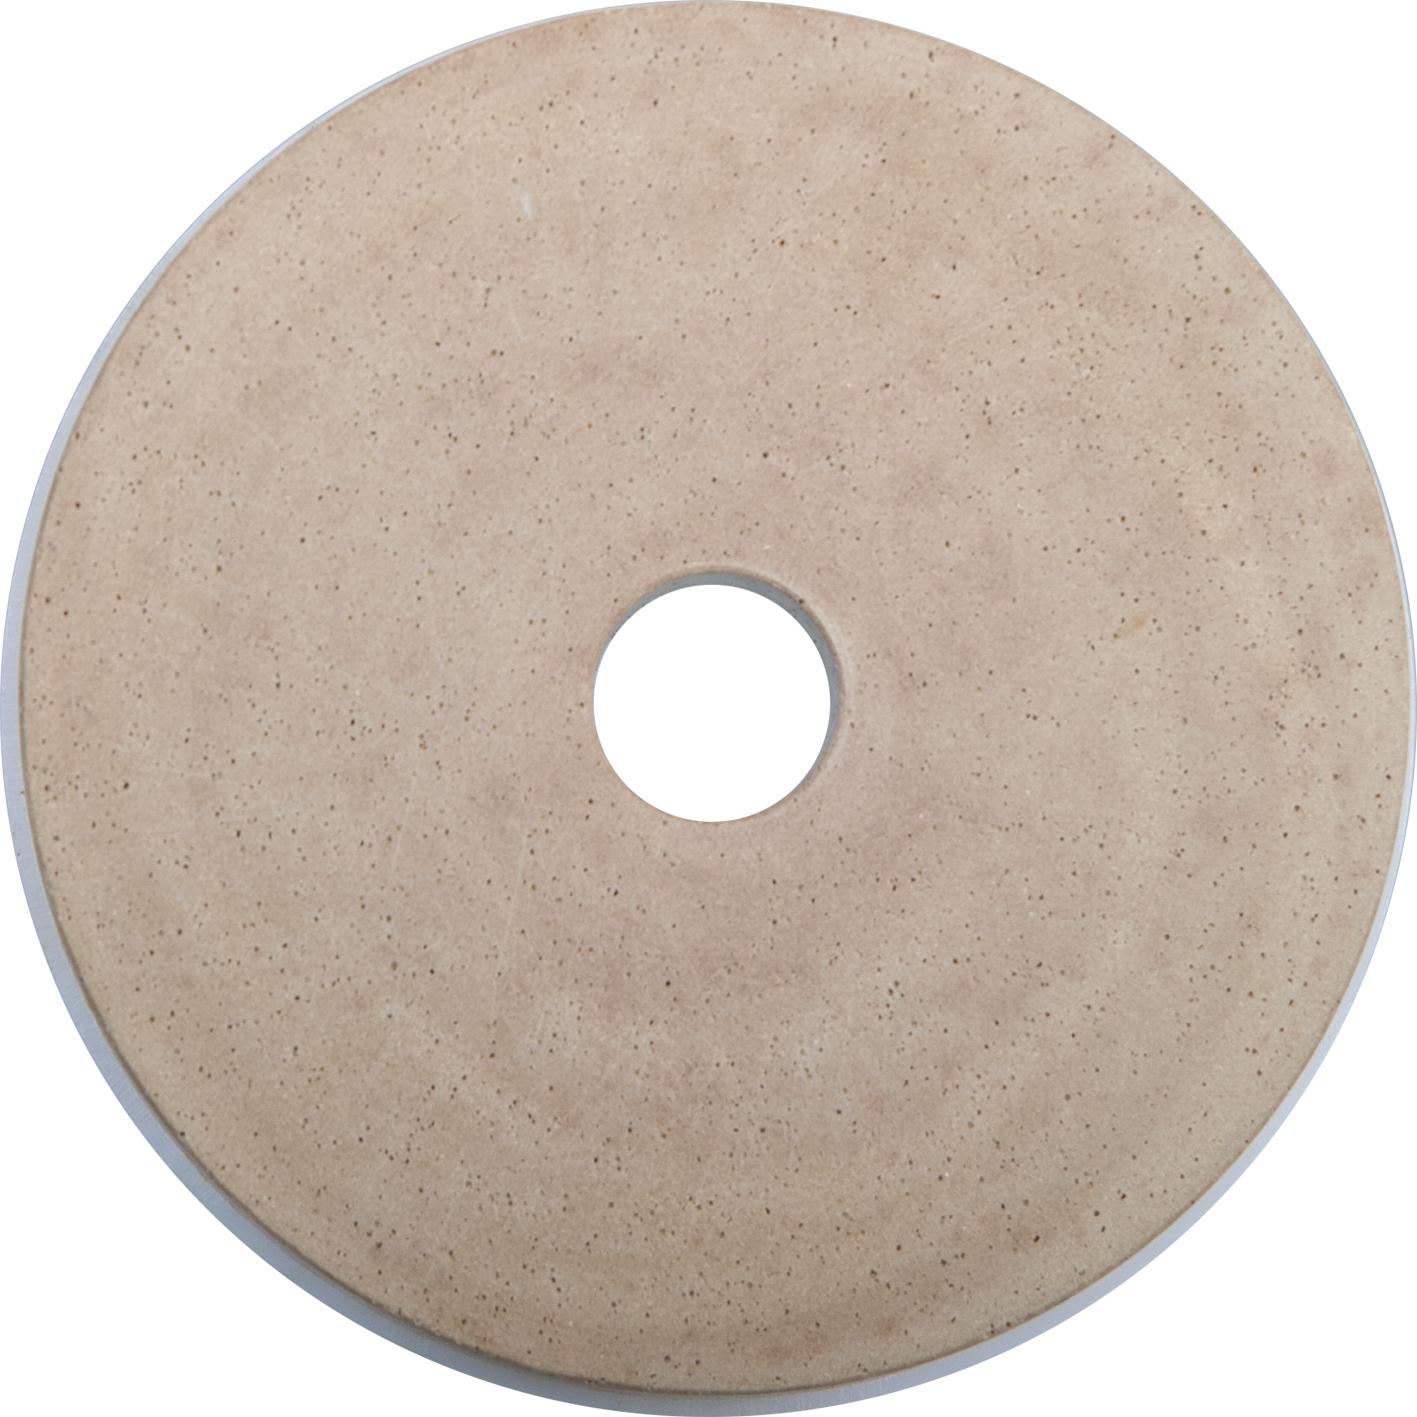 DIAREX Fasenschleifteller BL ø 130 mm | Korn 1000